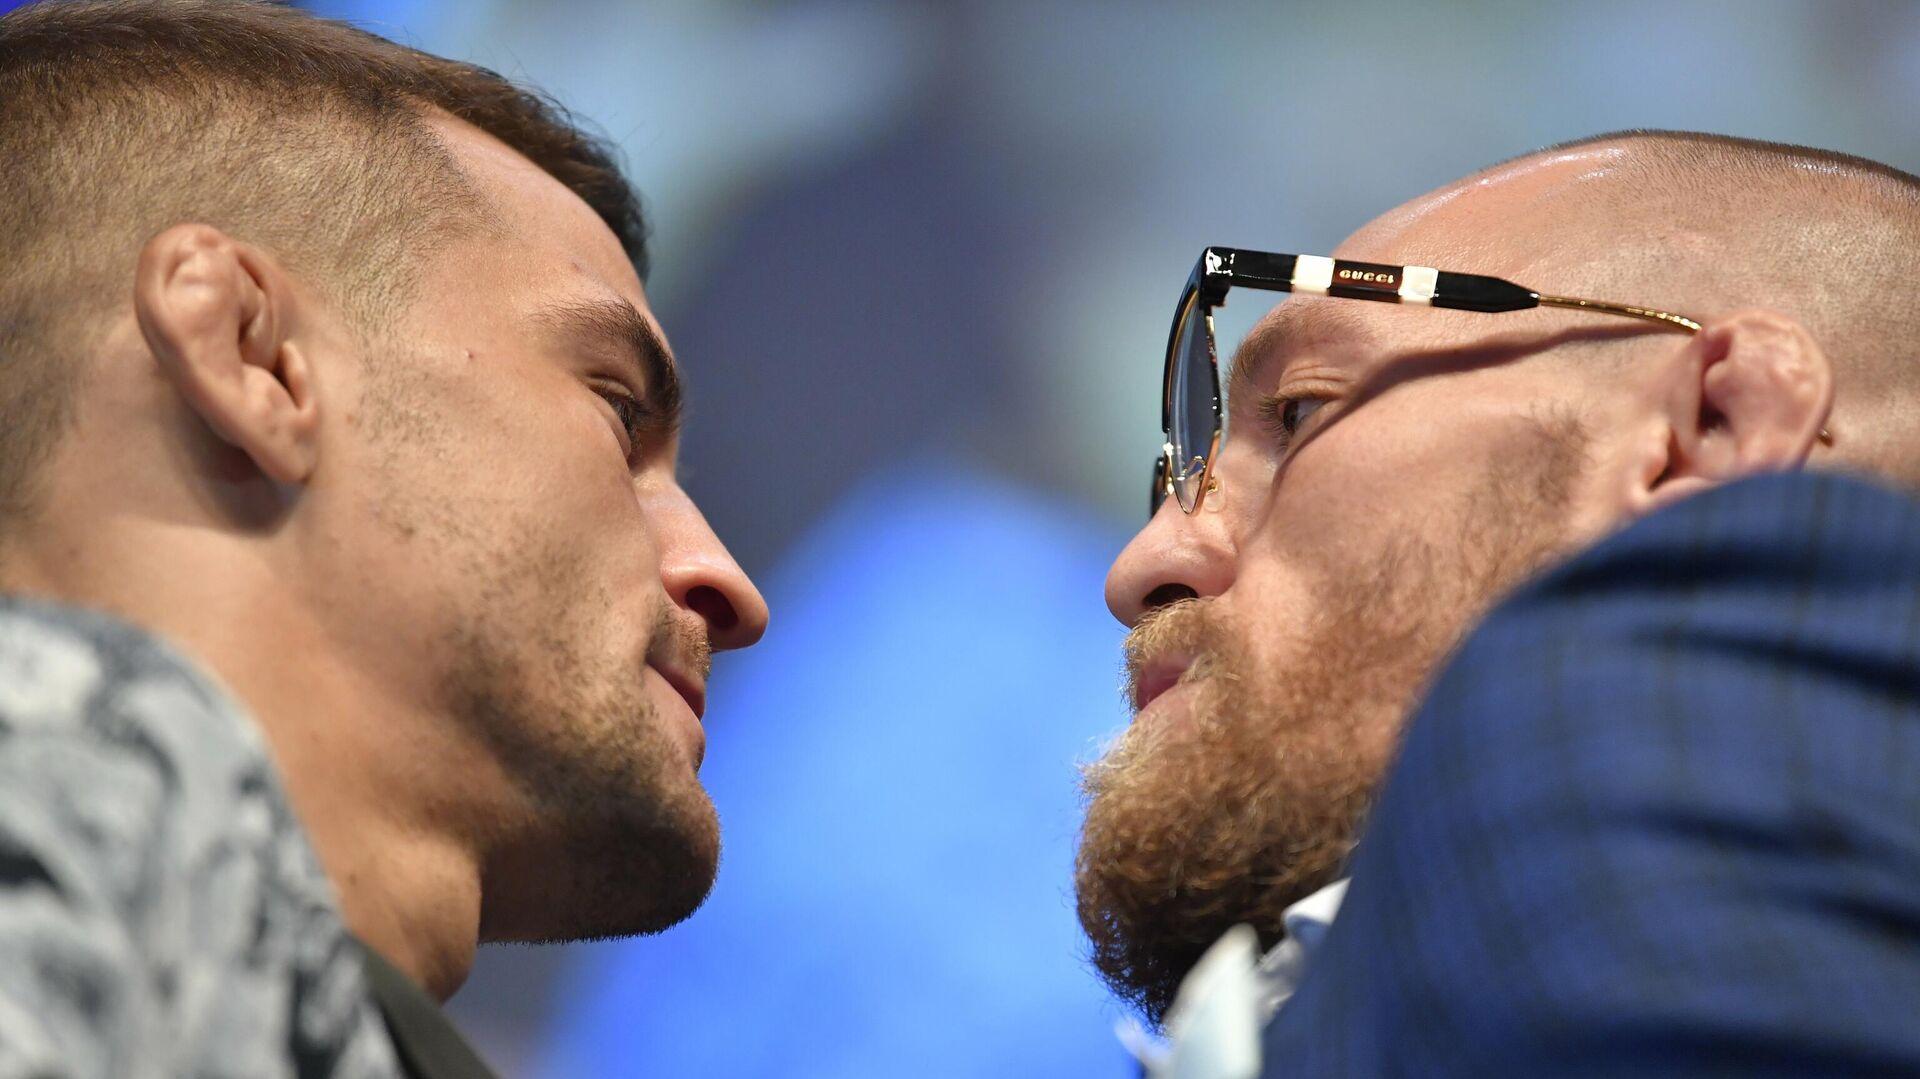 Дуэль взглядов между бойцами UFC Дастином Порье (слева) и Конором Макгрегором - РИА Новости, 1920, 22.01.2021